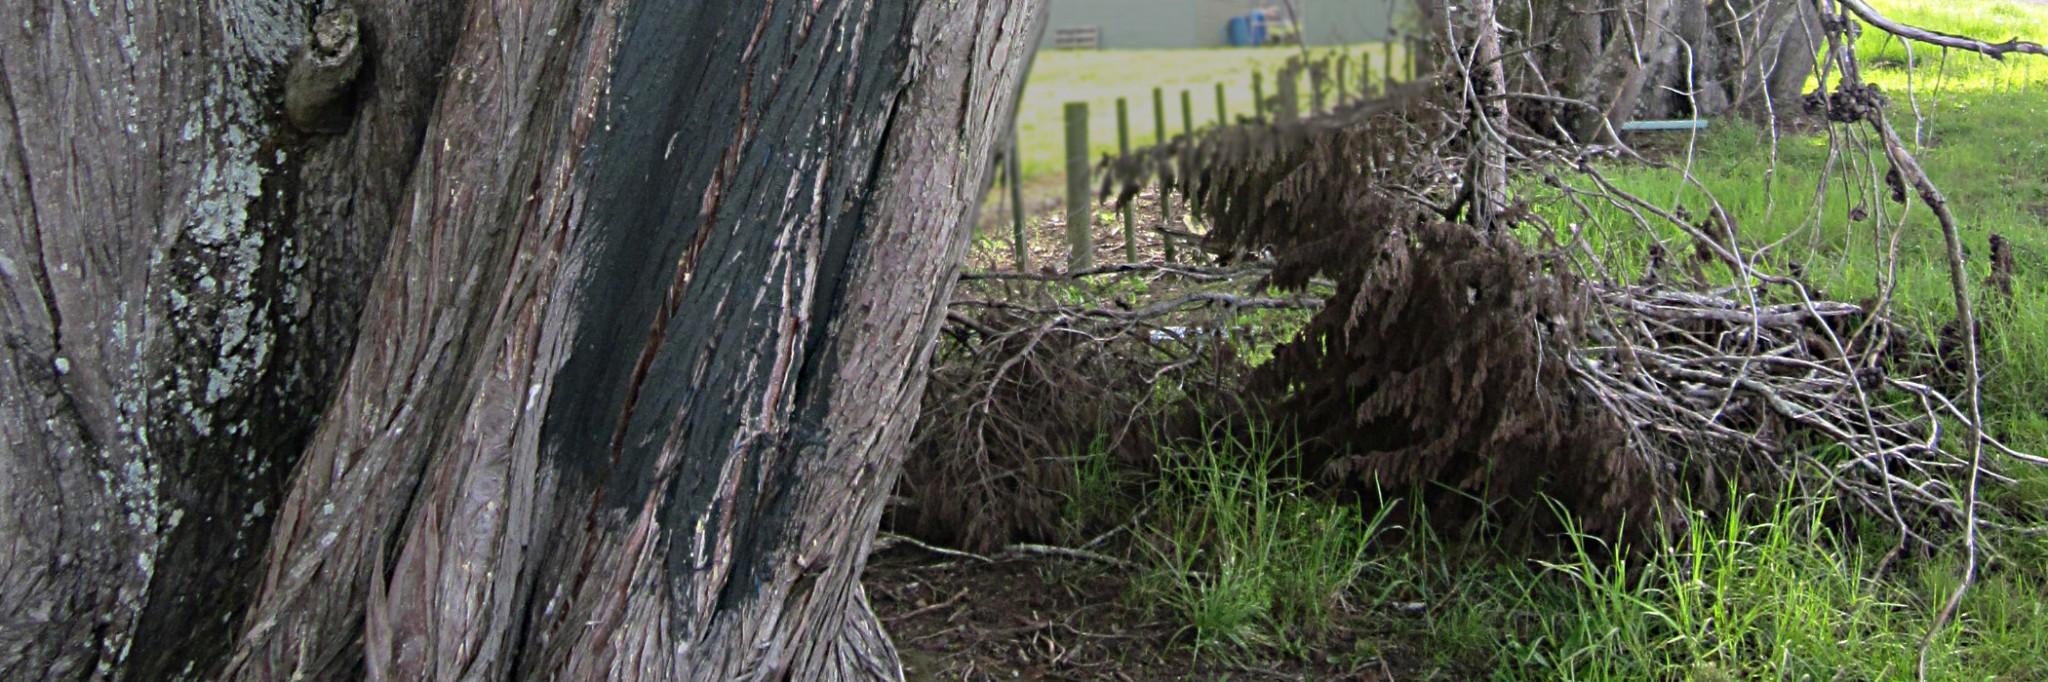 The Mason Road Tree